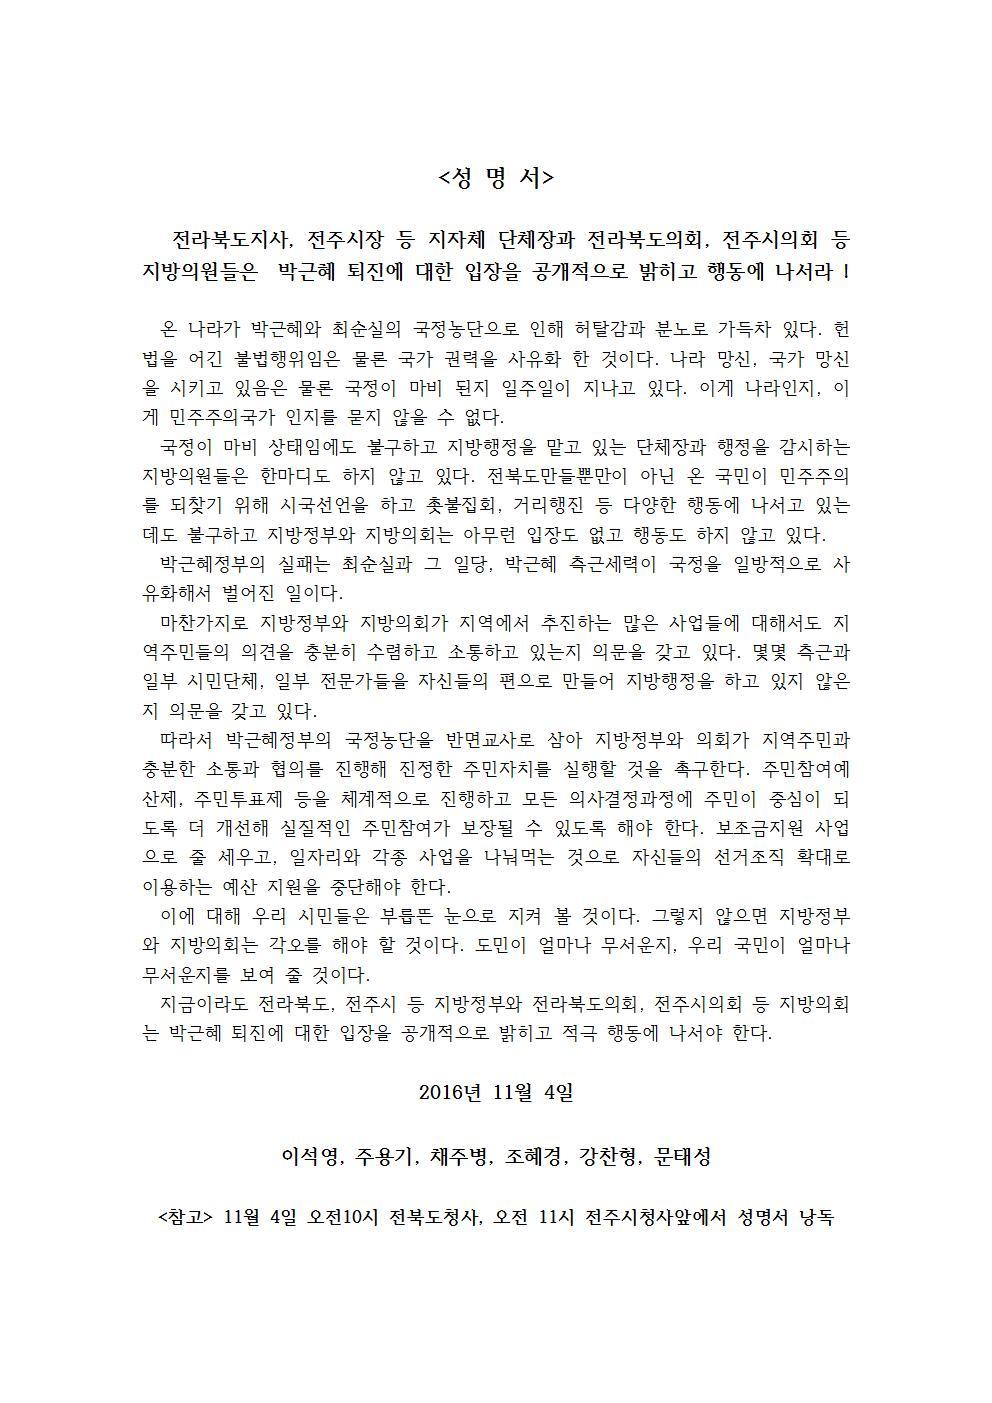 16.11.4-성명서_전북도지사 전주시장 박근혜 퇴진 입장 촉구_최종001.jpg